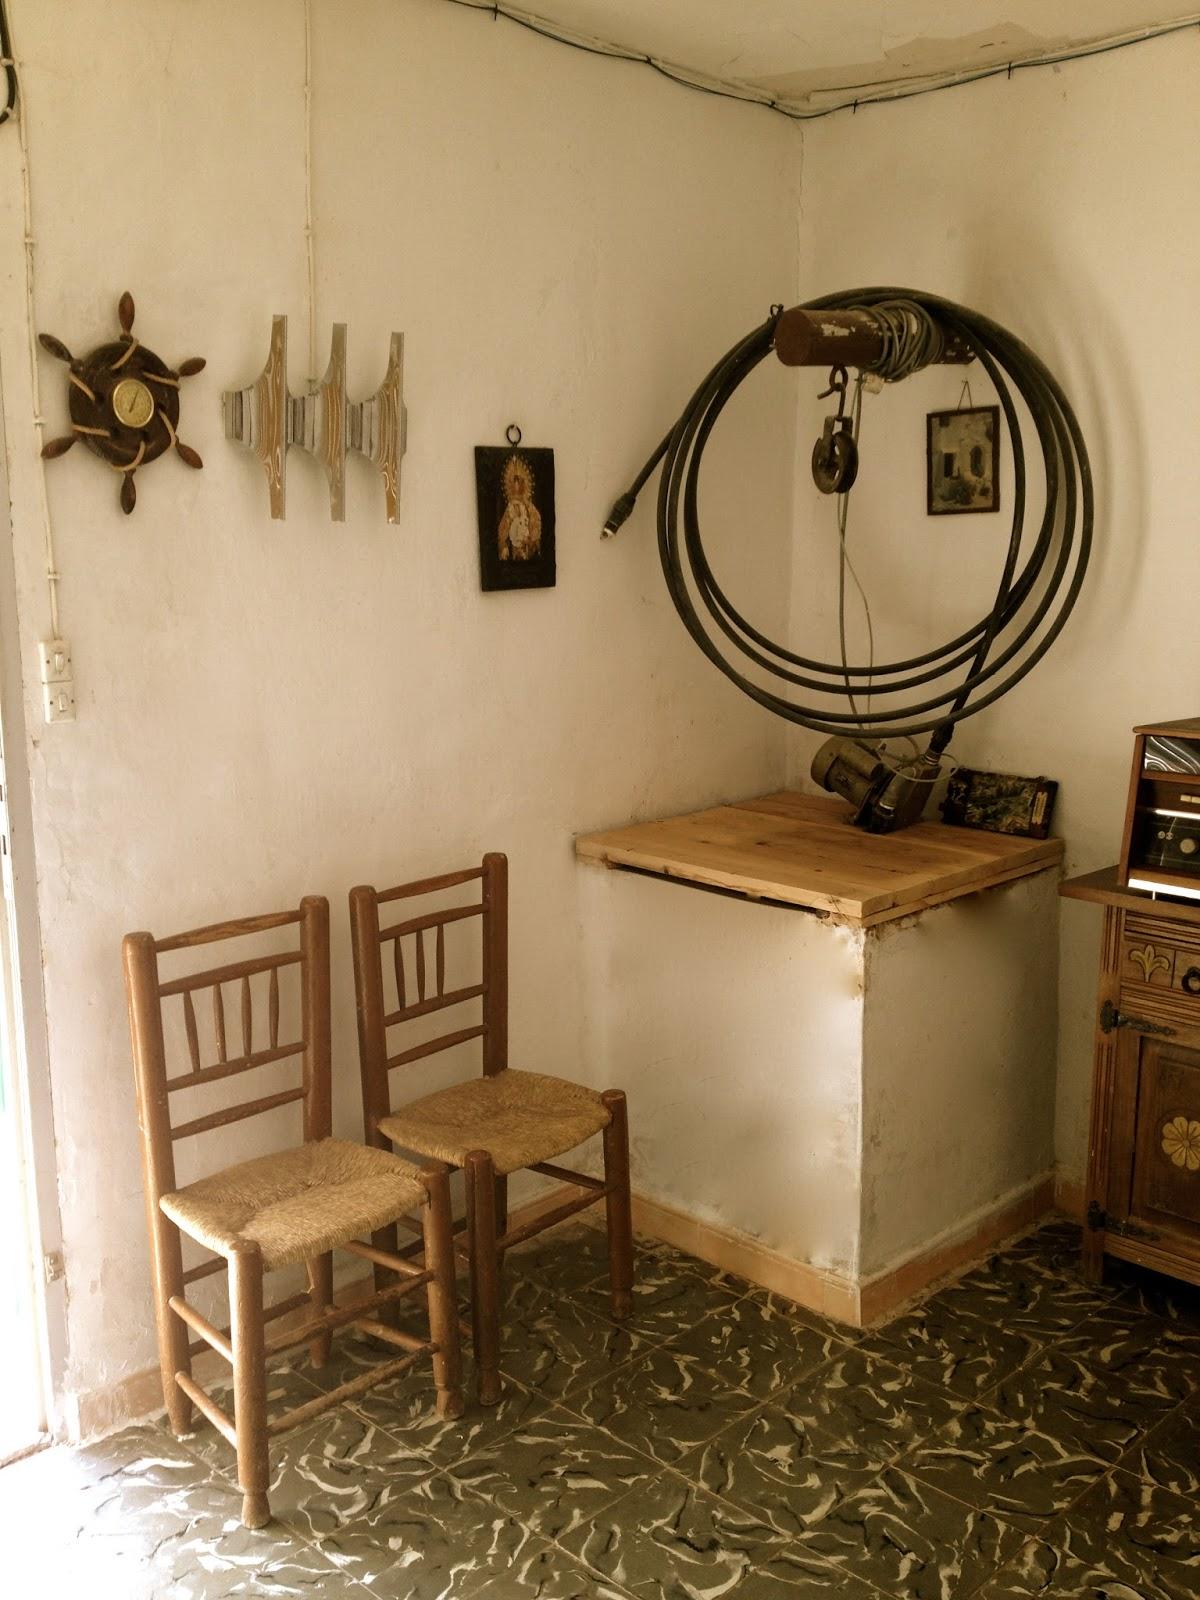 El placer del hacer refrescando muebles viejos y antiguos - Cosas antiguas para decorar ...